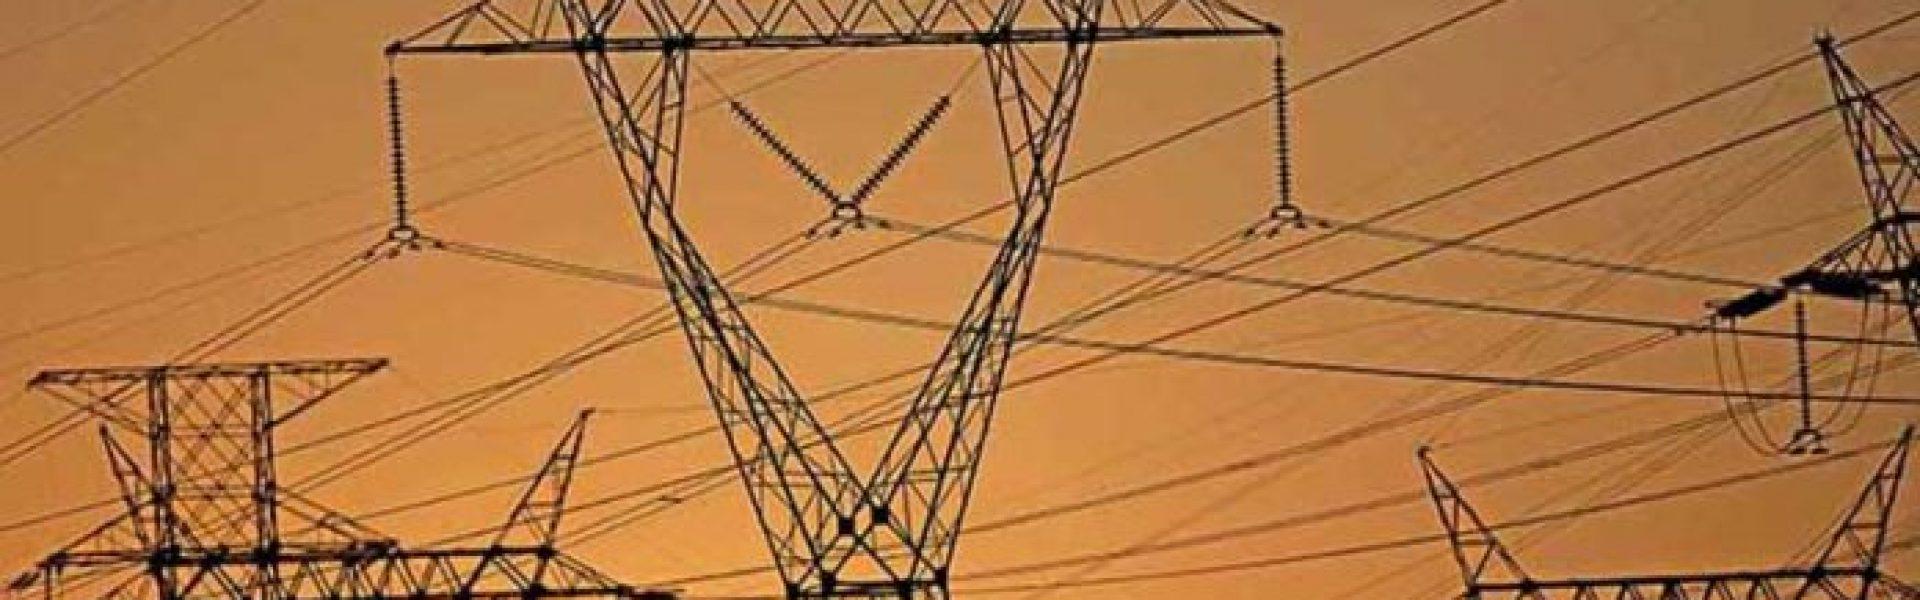 GERAL035 Energia 31/08/2017 Crédito: Ueslei Marcelino/Reuters  Usada 17-06-19 Usada 08-11-19 Usada em 13-01-20